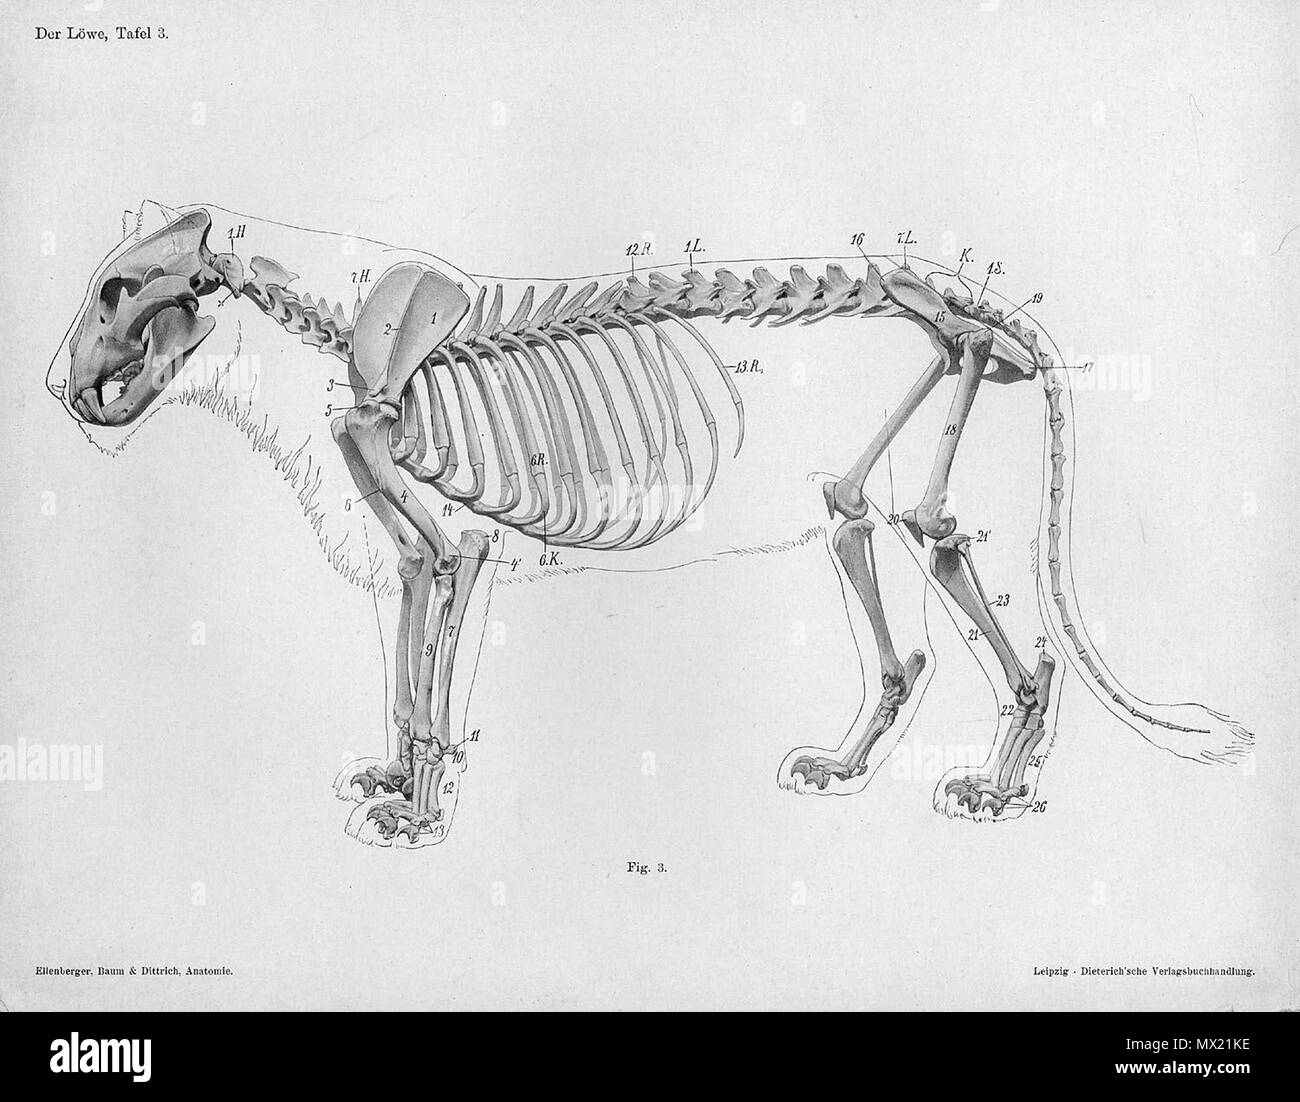 Großzügig Anatomie Der Unterarmknochen Galerie - Physiologie Von ...